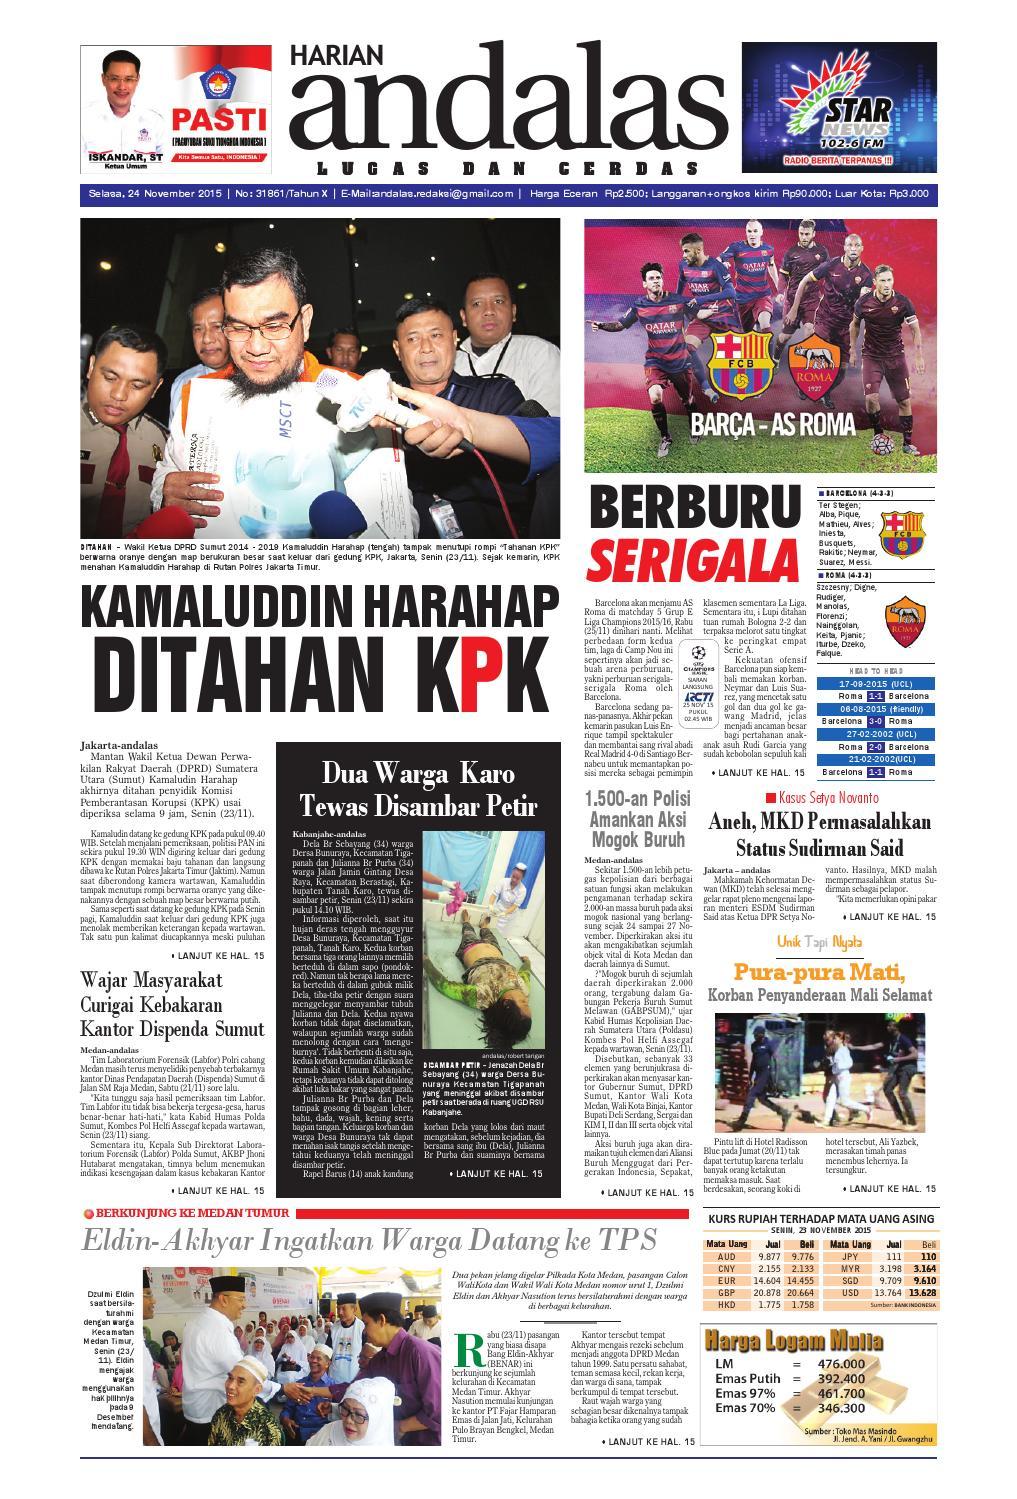 Epaper andalas edisi selasa 24 november 2015 by media andalas - issuu 34388c432bcb8